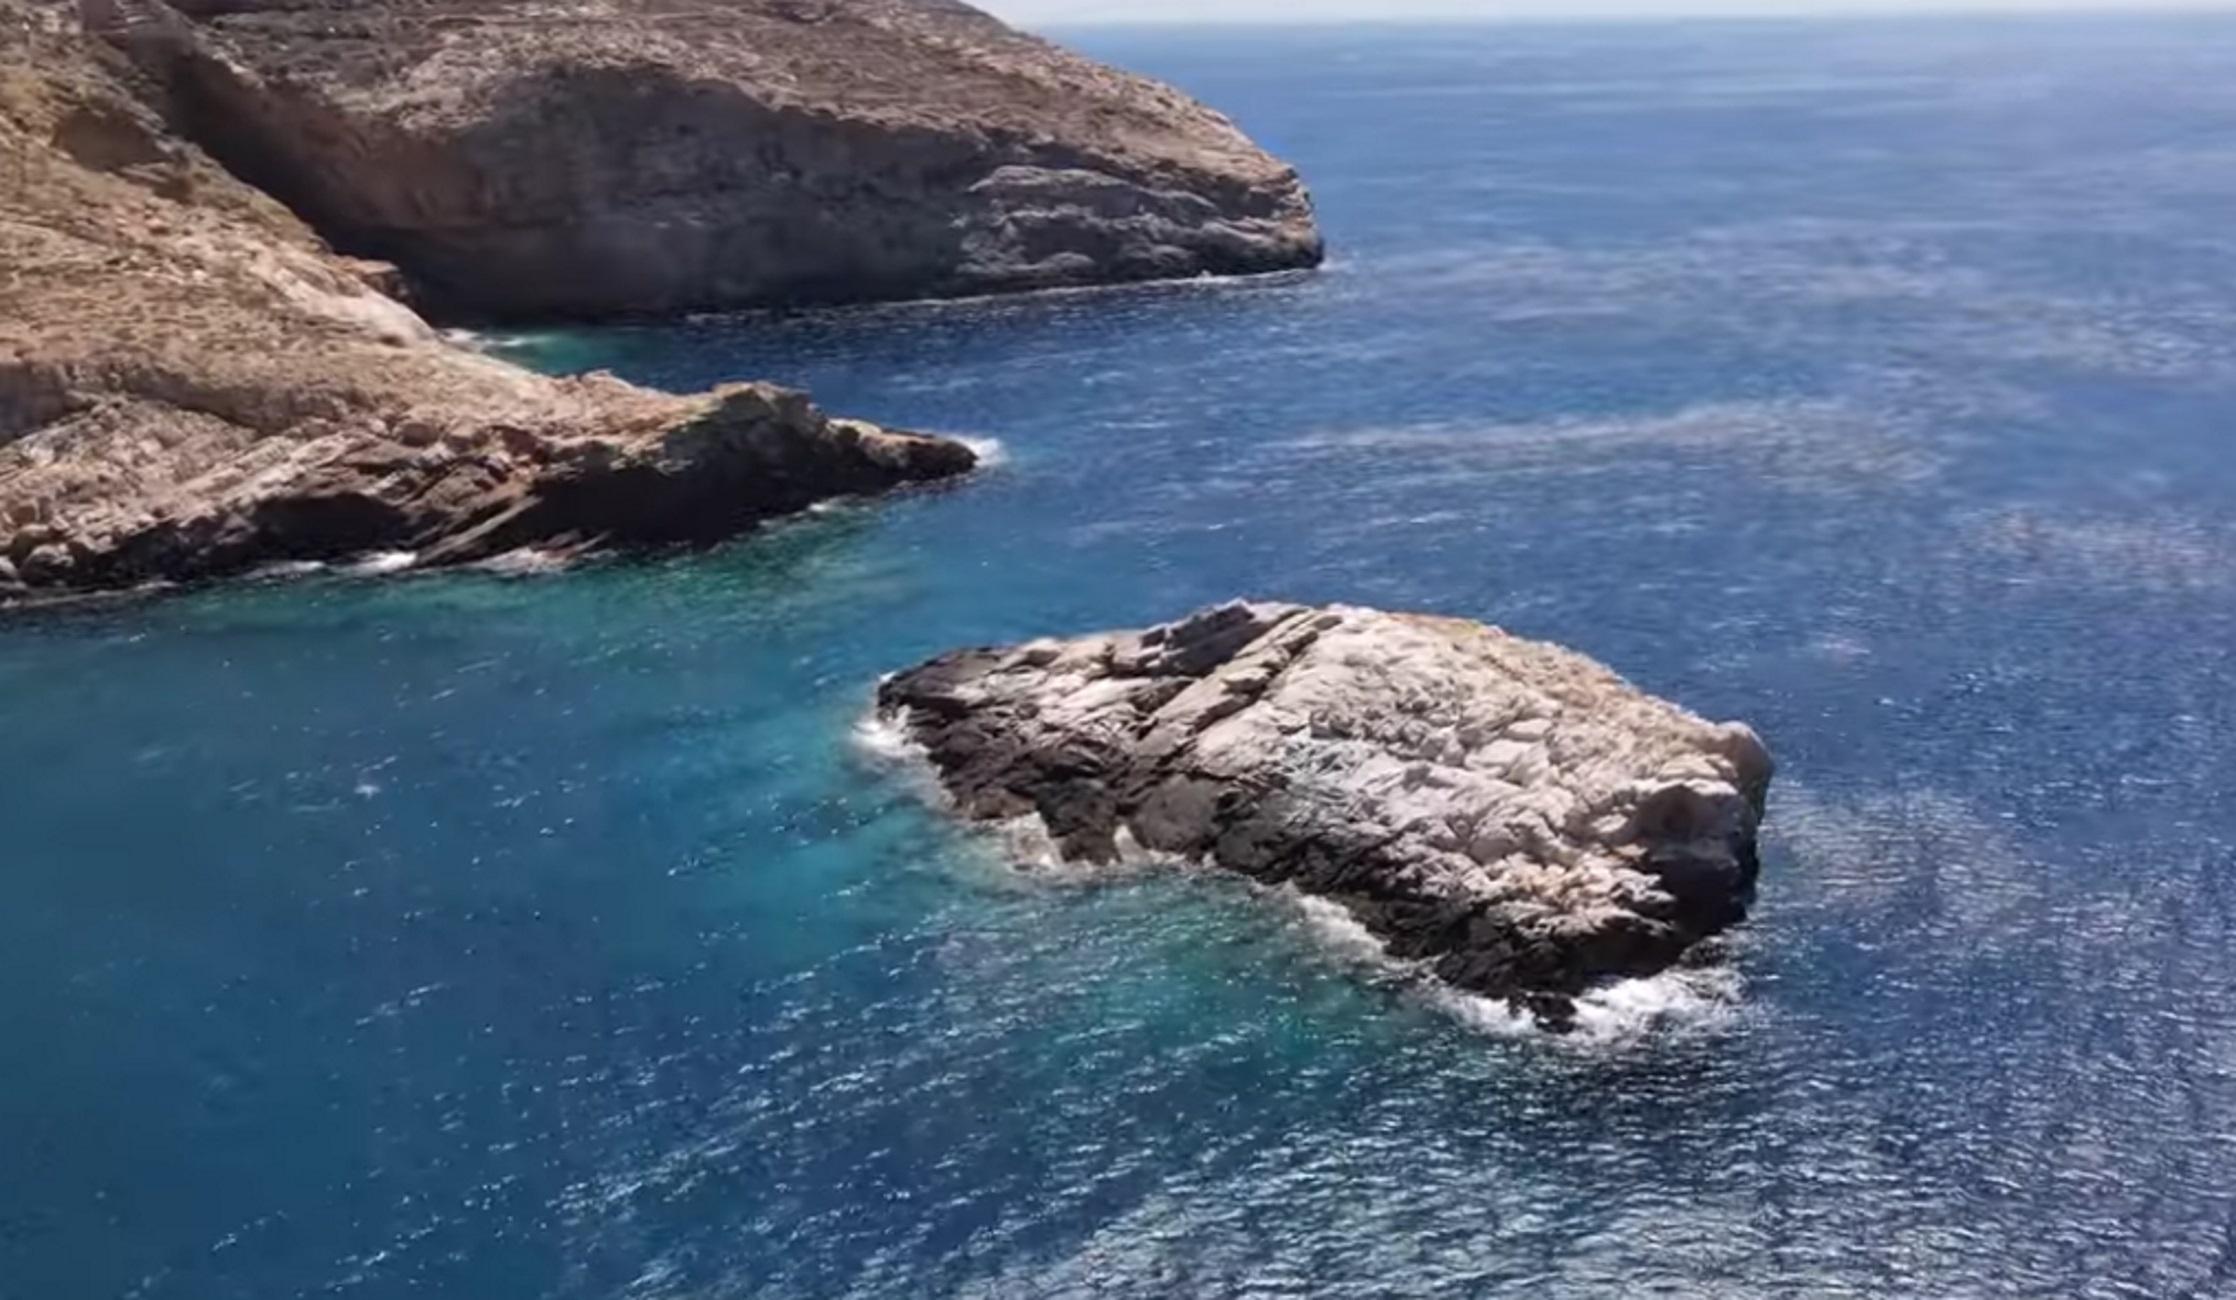 Φολέγανδρος: Θρίλερ με νεκρή γυναίκα μέσα στη θάλασσα – Οι τελευταίες κινήσεις και το πρόσωπο κλειδί